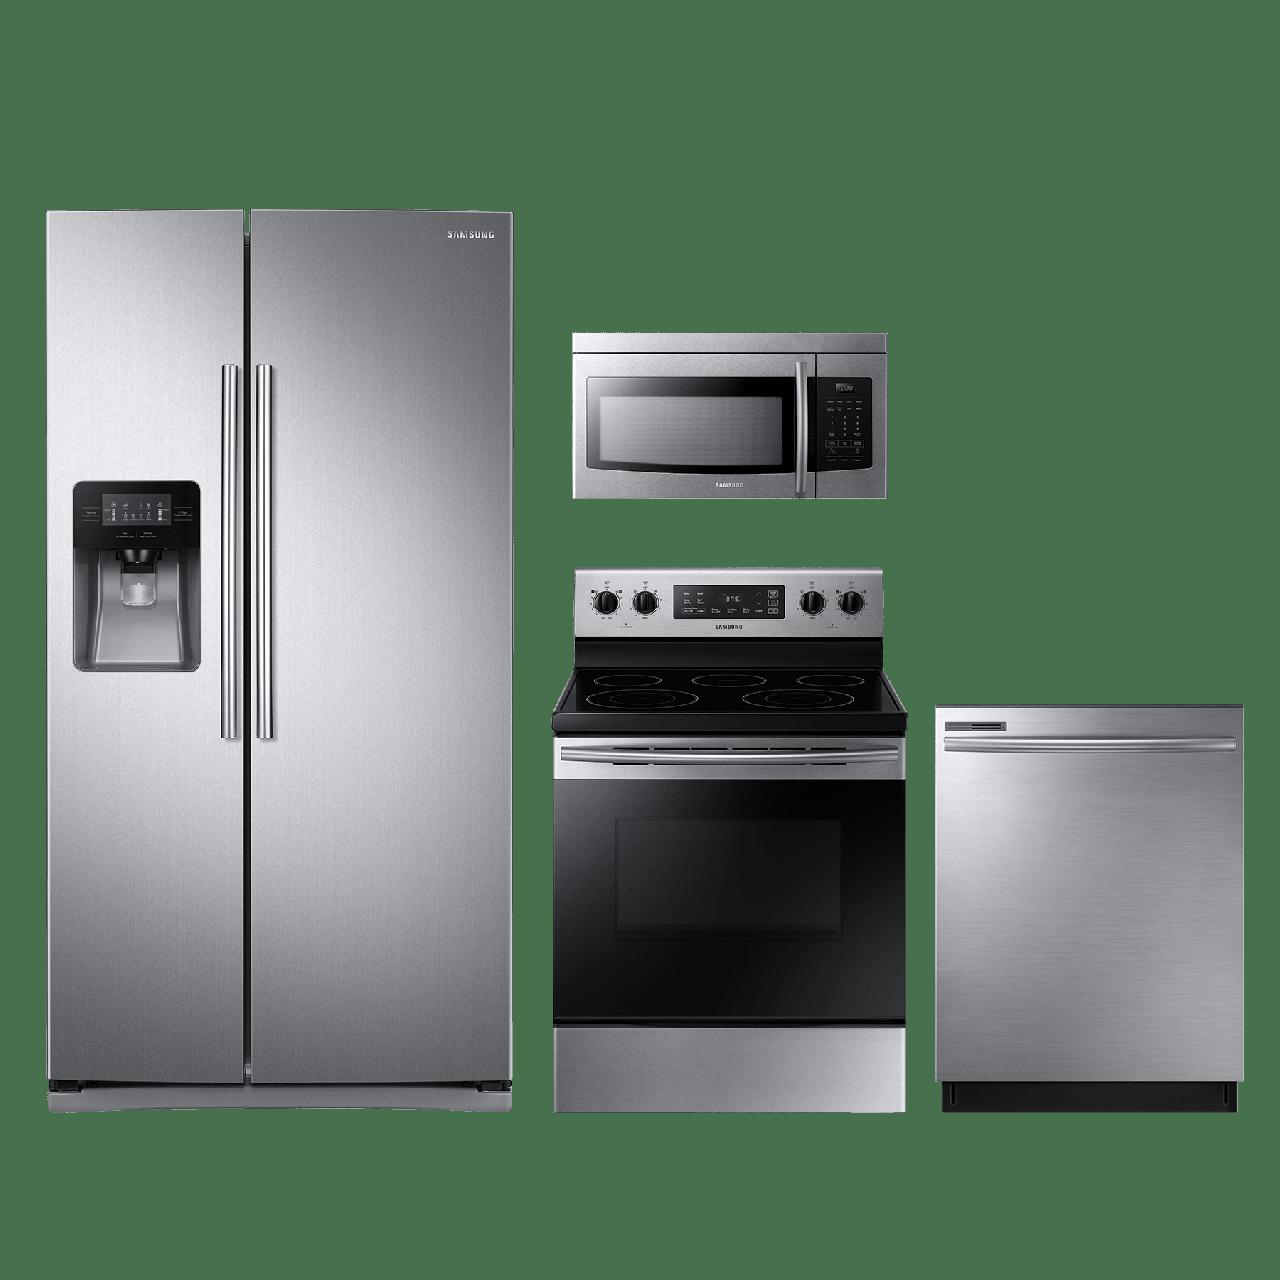 Samsung 4 Piece Kitchen Package-Stainless Steel